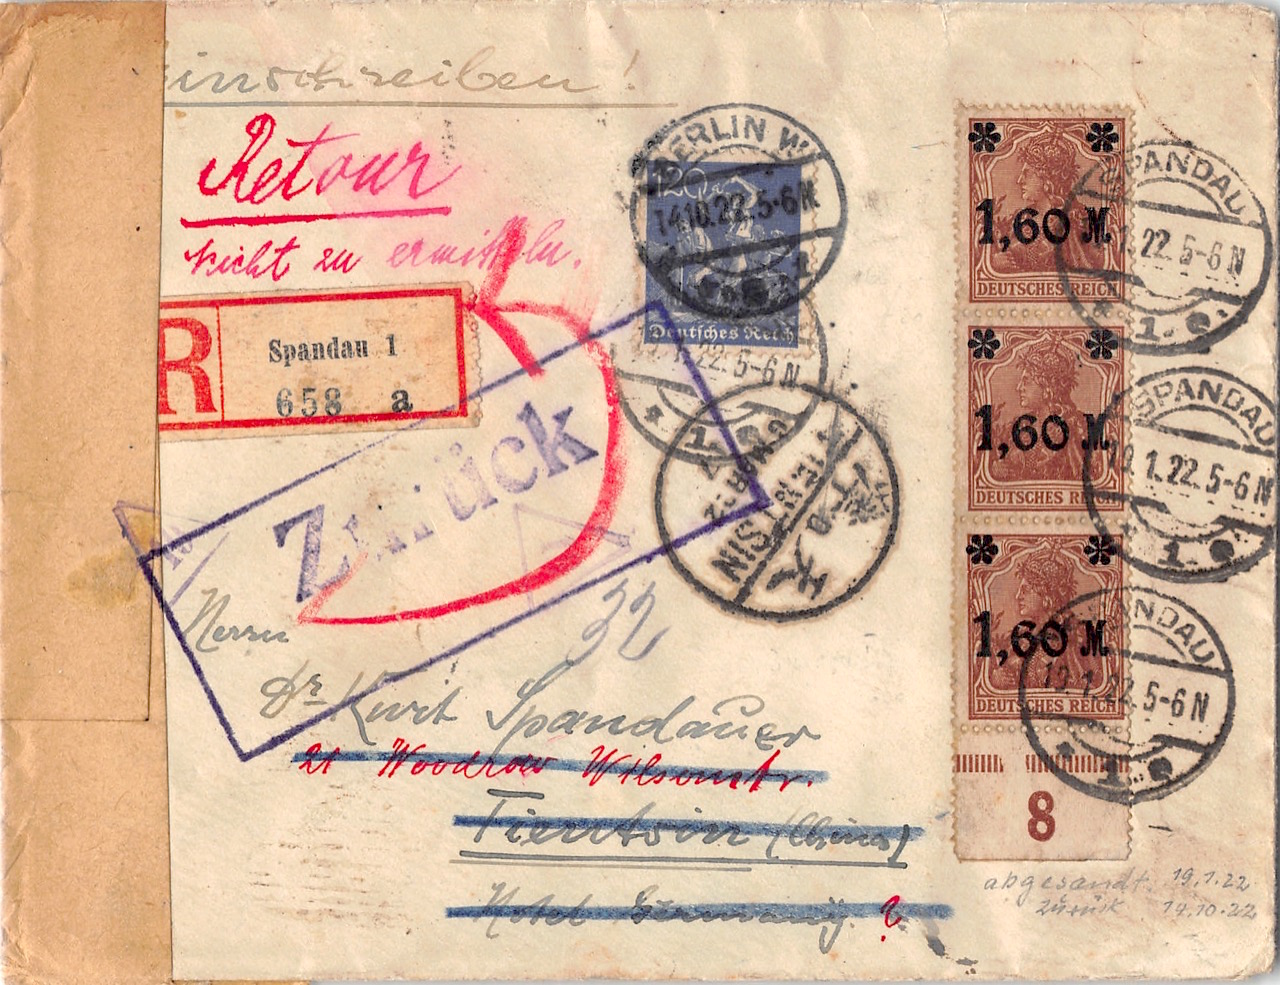 1922, Retour-Einschreiben aus Deutschland nach China, Letzttag, Incoming Mail